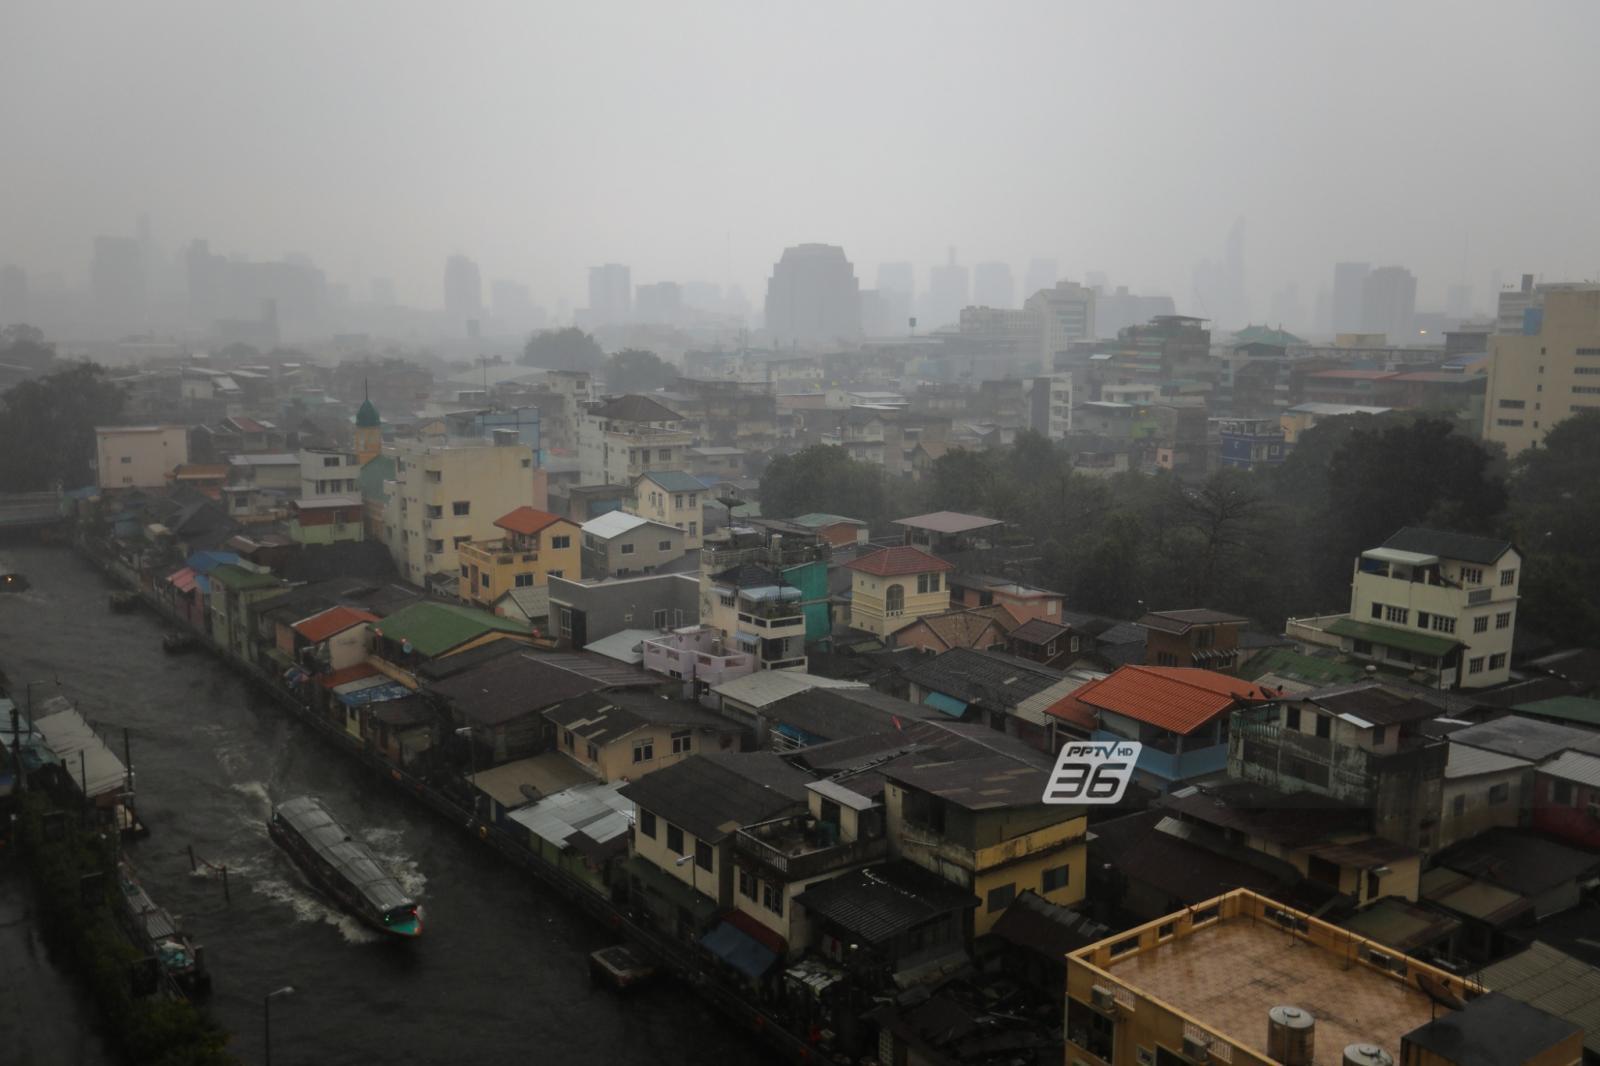 ฝนตกหนักทั่วกทม. กรมอุตุฯเผย 4-6 พ.ย.ฝนฟ้าคะนองก่อนหนาว